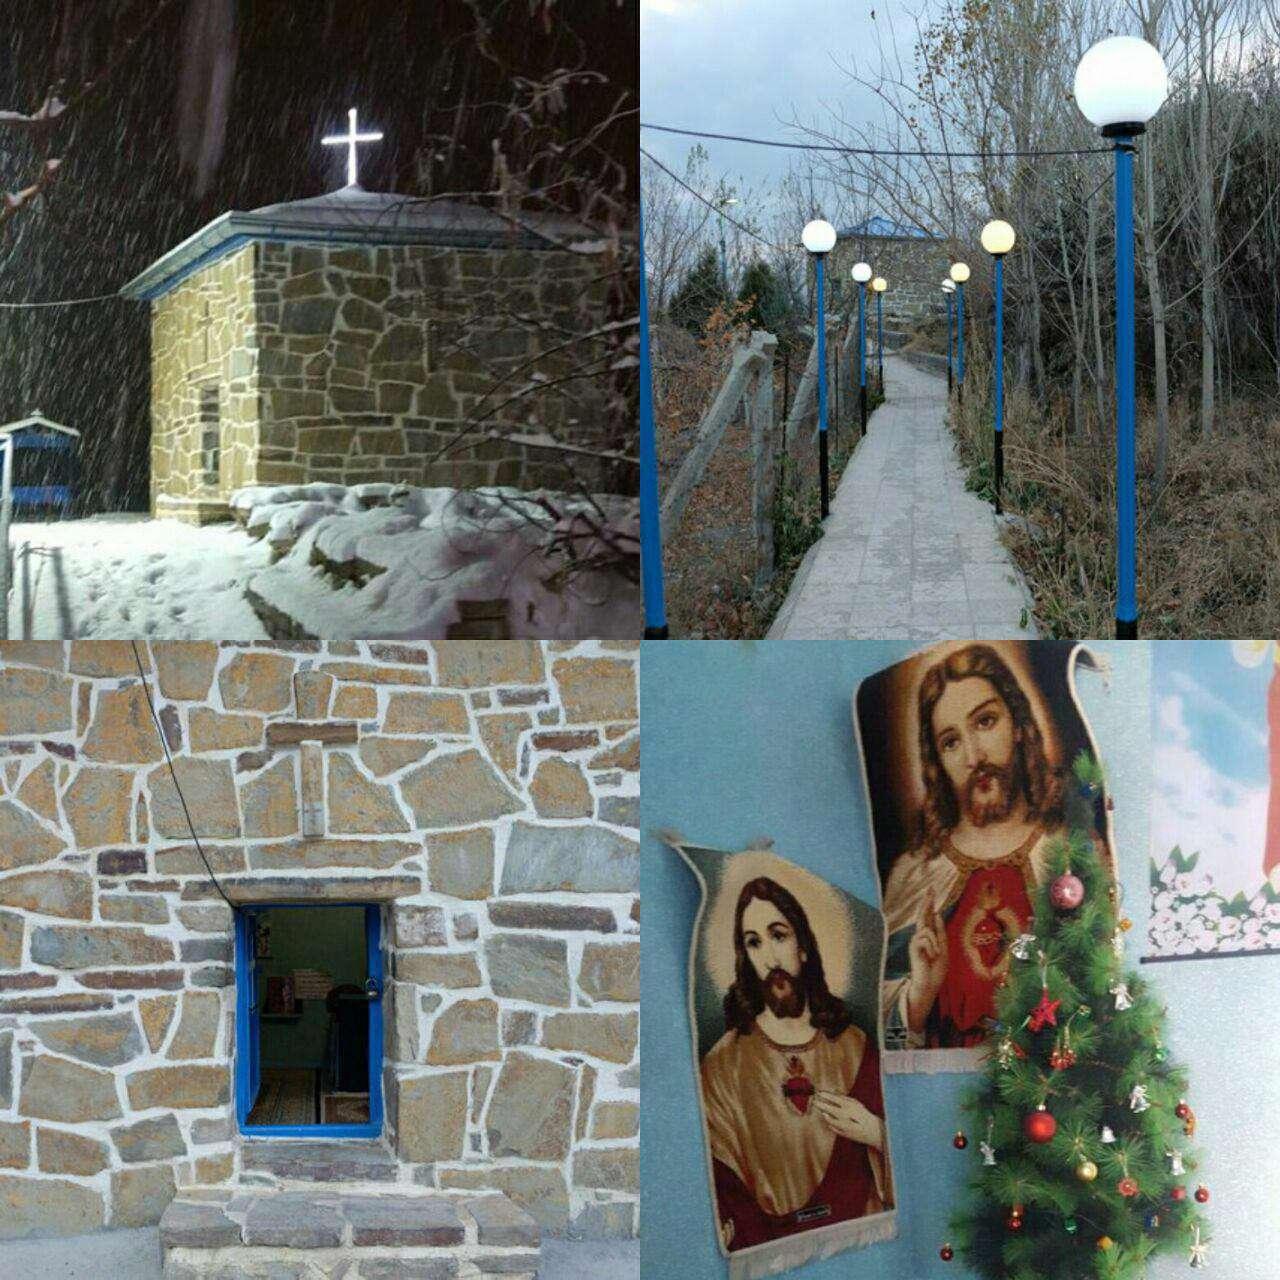 کلیسای «مریم مقدس» کوچکترین کلیسای ایران که در روستای «جانوسلو» در ارومیه قرار دارد